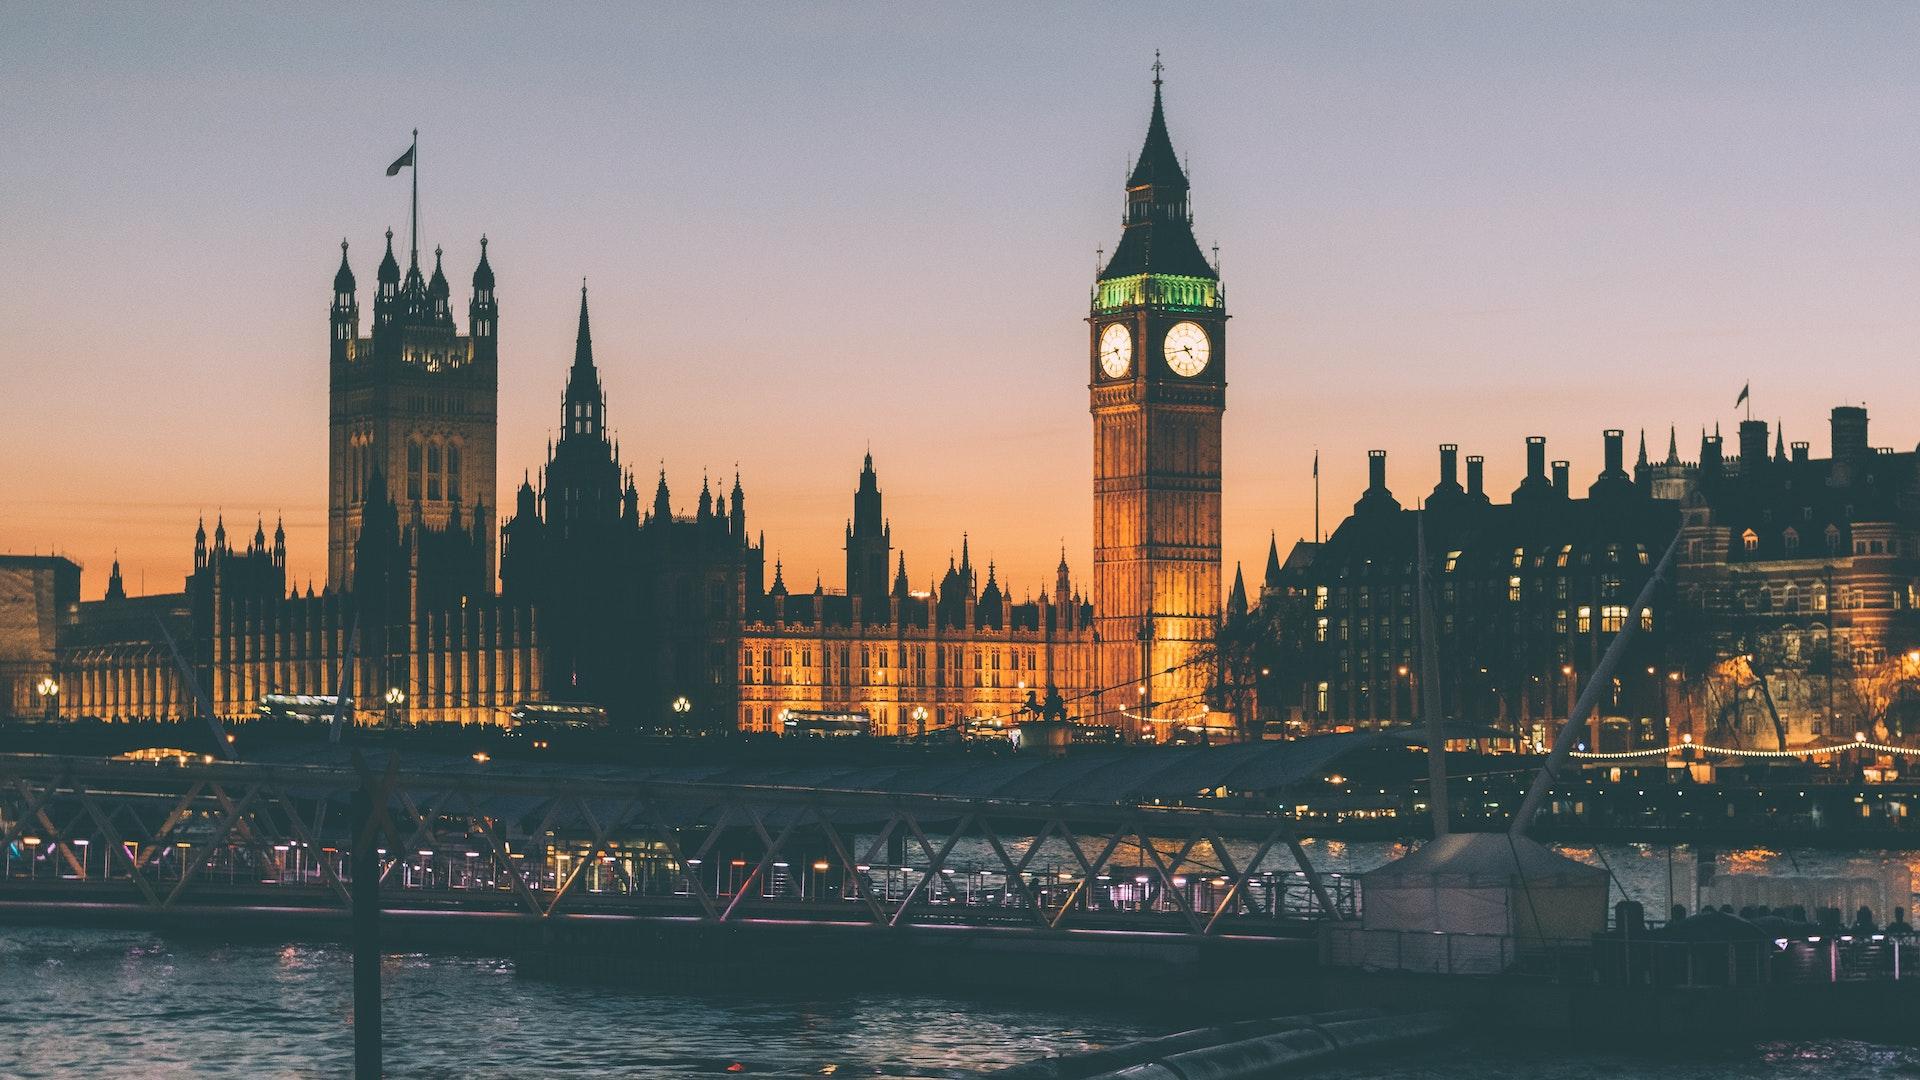 Los diez destinos favoritos para viajar en 2019 según TripAdvisor